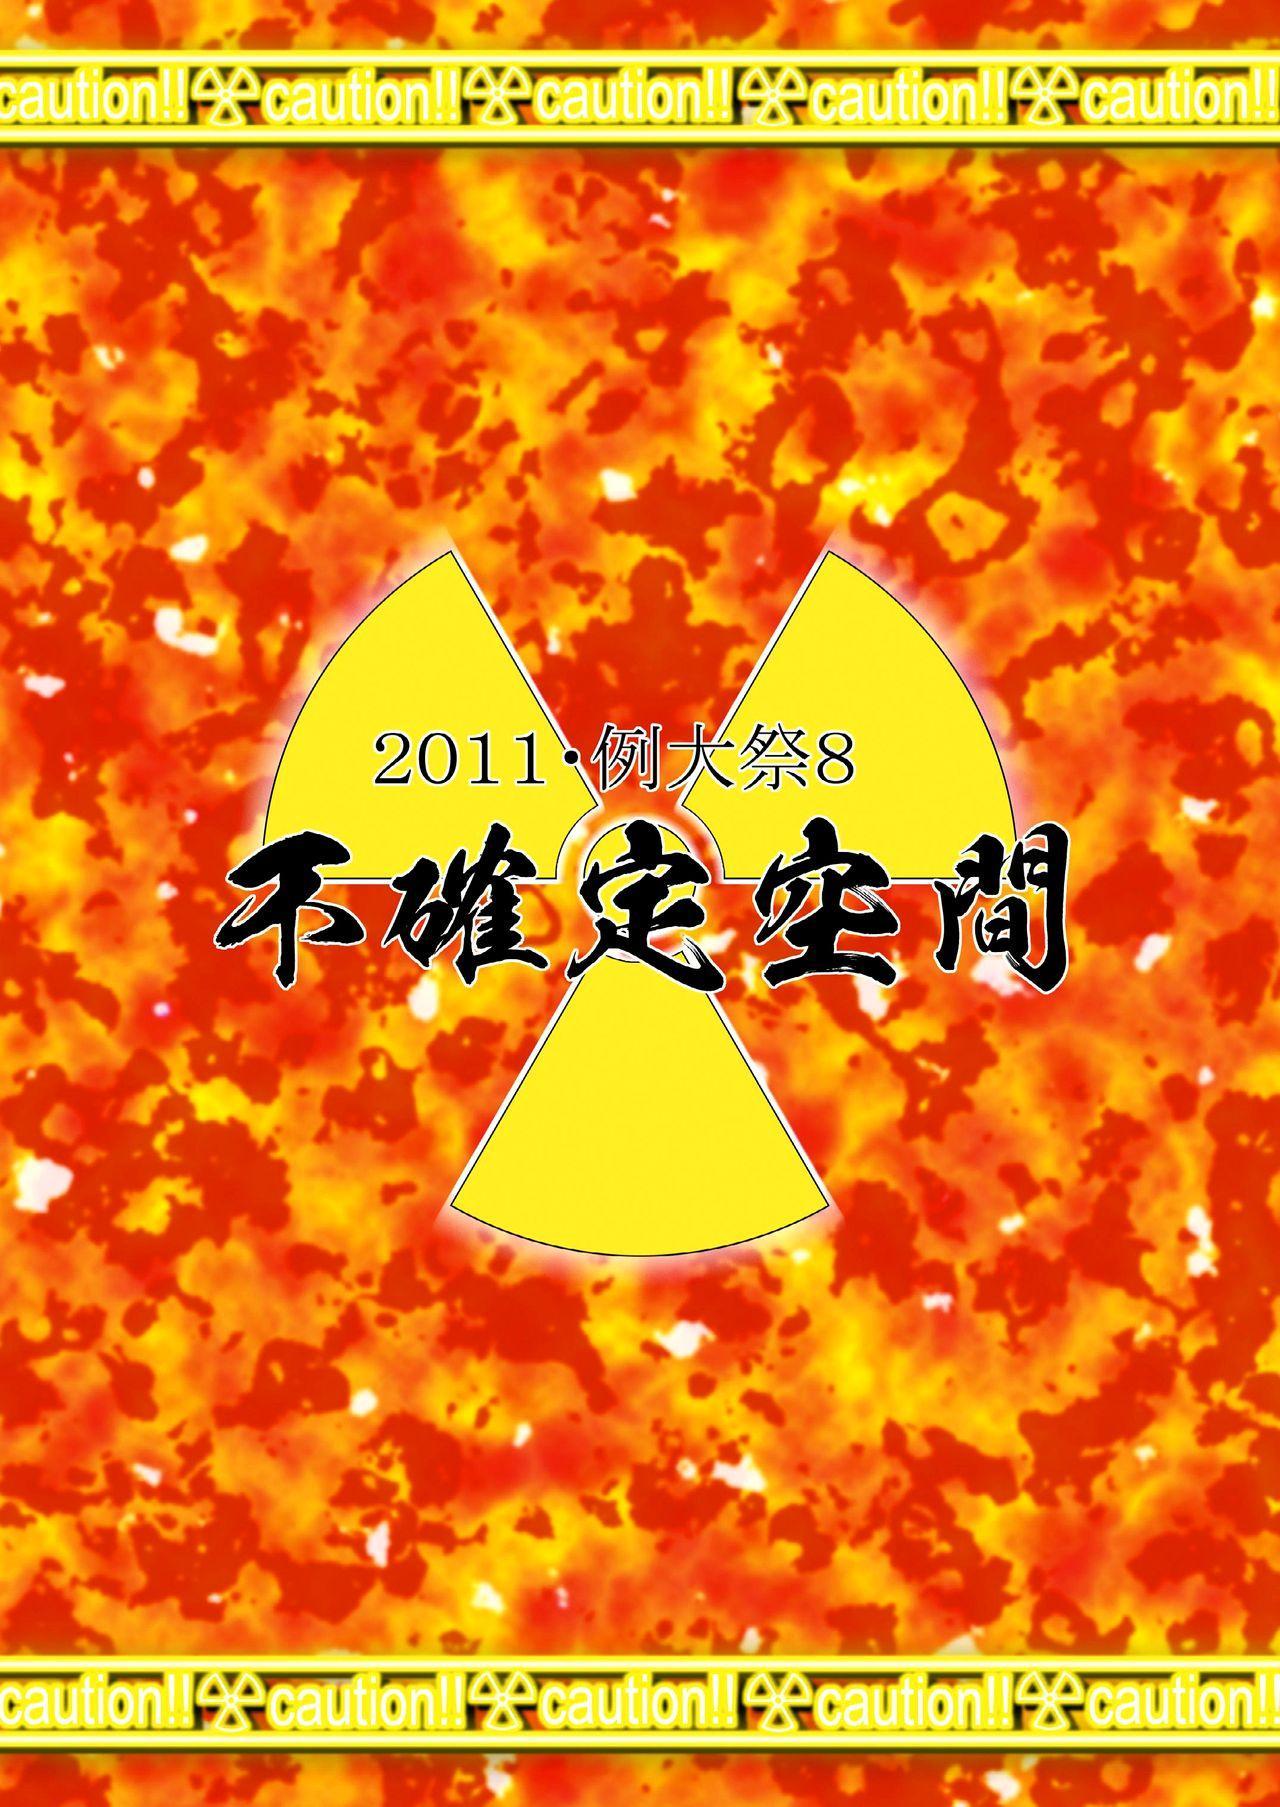 Unyuho Hatsuden | Unyuho Dynamo 21